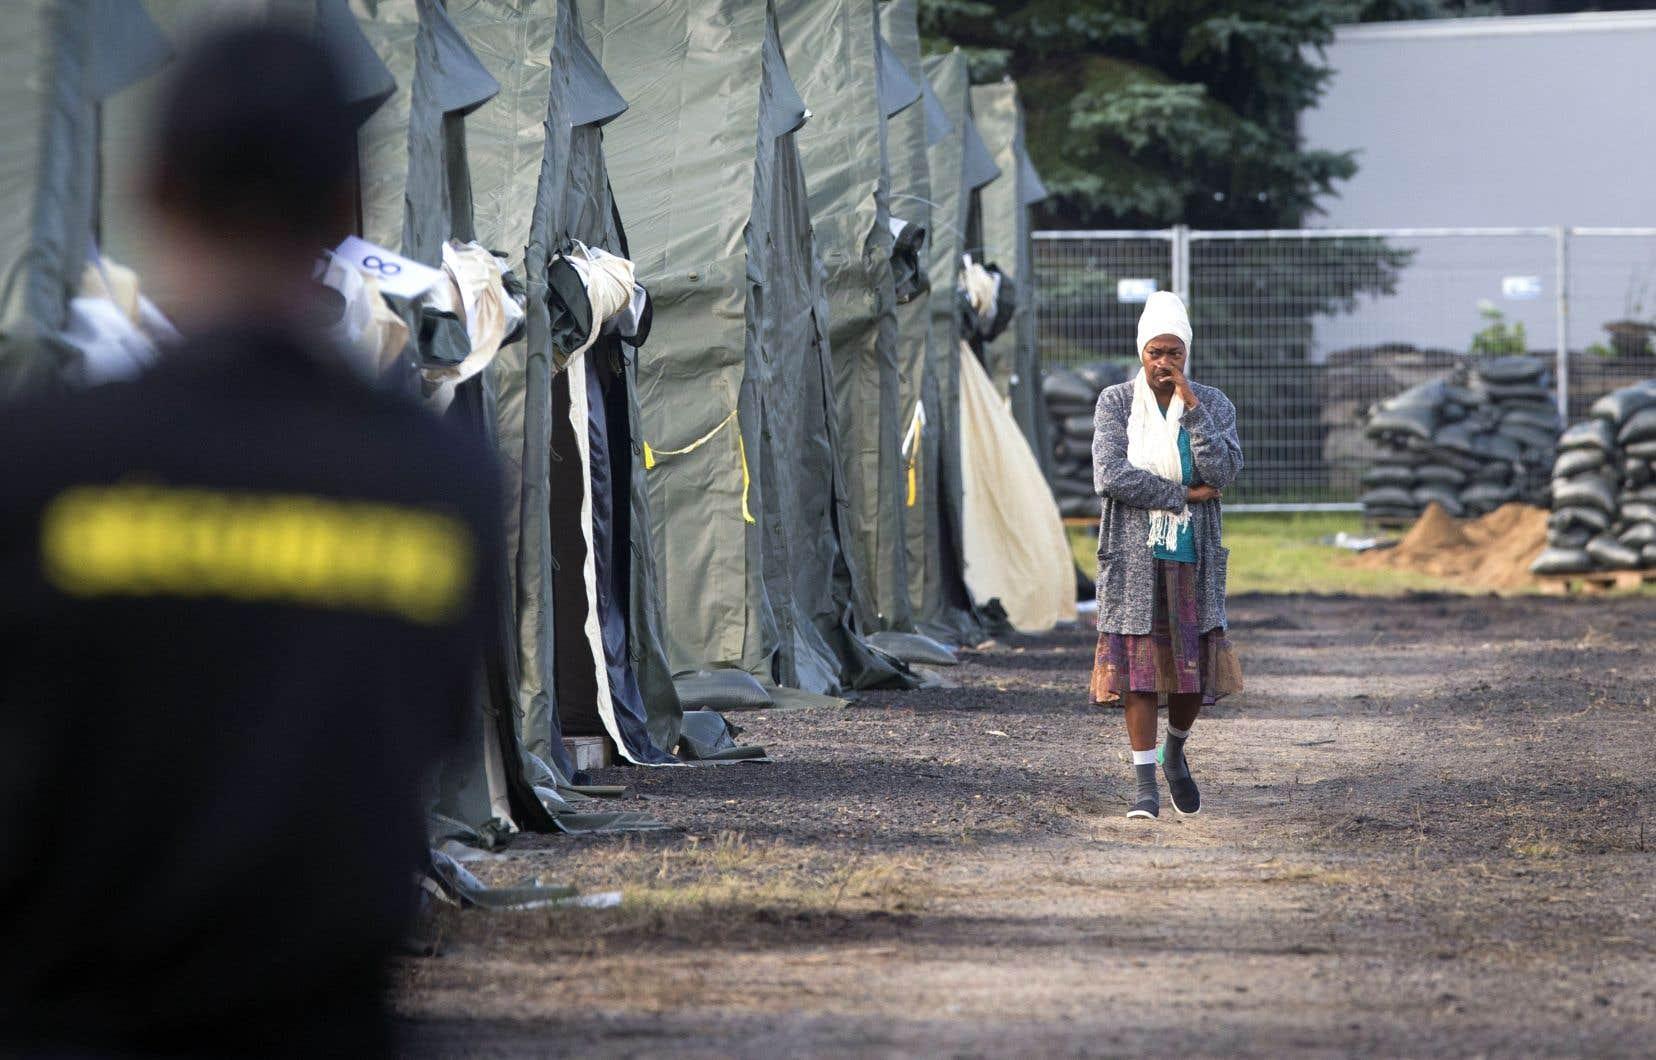 En août 2017, les Forces armées canadiennes avaient érigé une centaine de tentes dans la zone de Saint-Bernard-de-Lacolle tout près de la frontière avec les États-Unis pour loger des demandeurs d'asile.